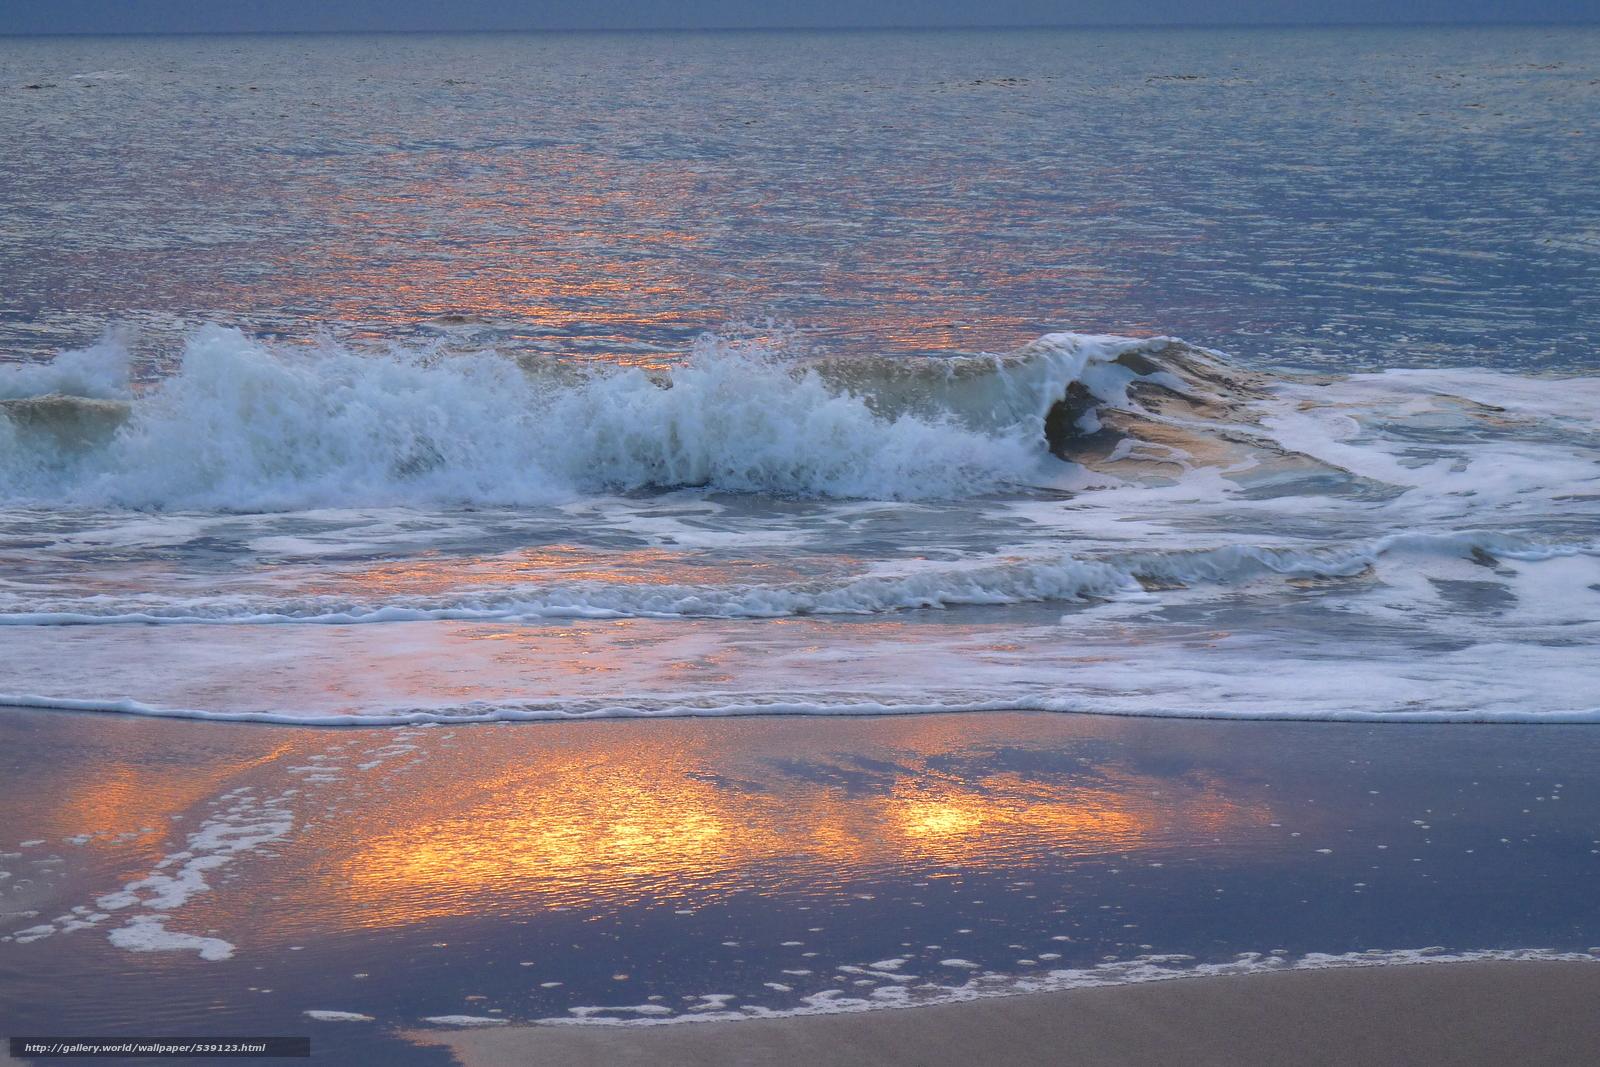 壁紙をダウンロード ズィルト島のビーチで静かな夜,  ドイツ,  海,  波浪 デスクトップの解像度のための無料壁紙 3648x2432 — 絵 №539123